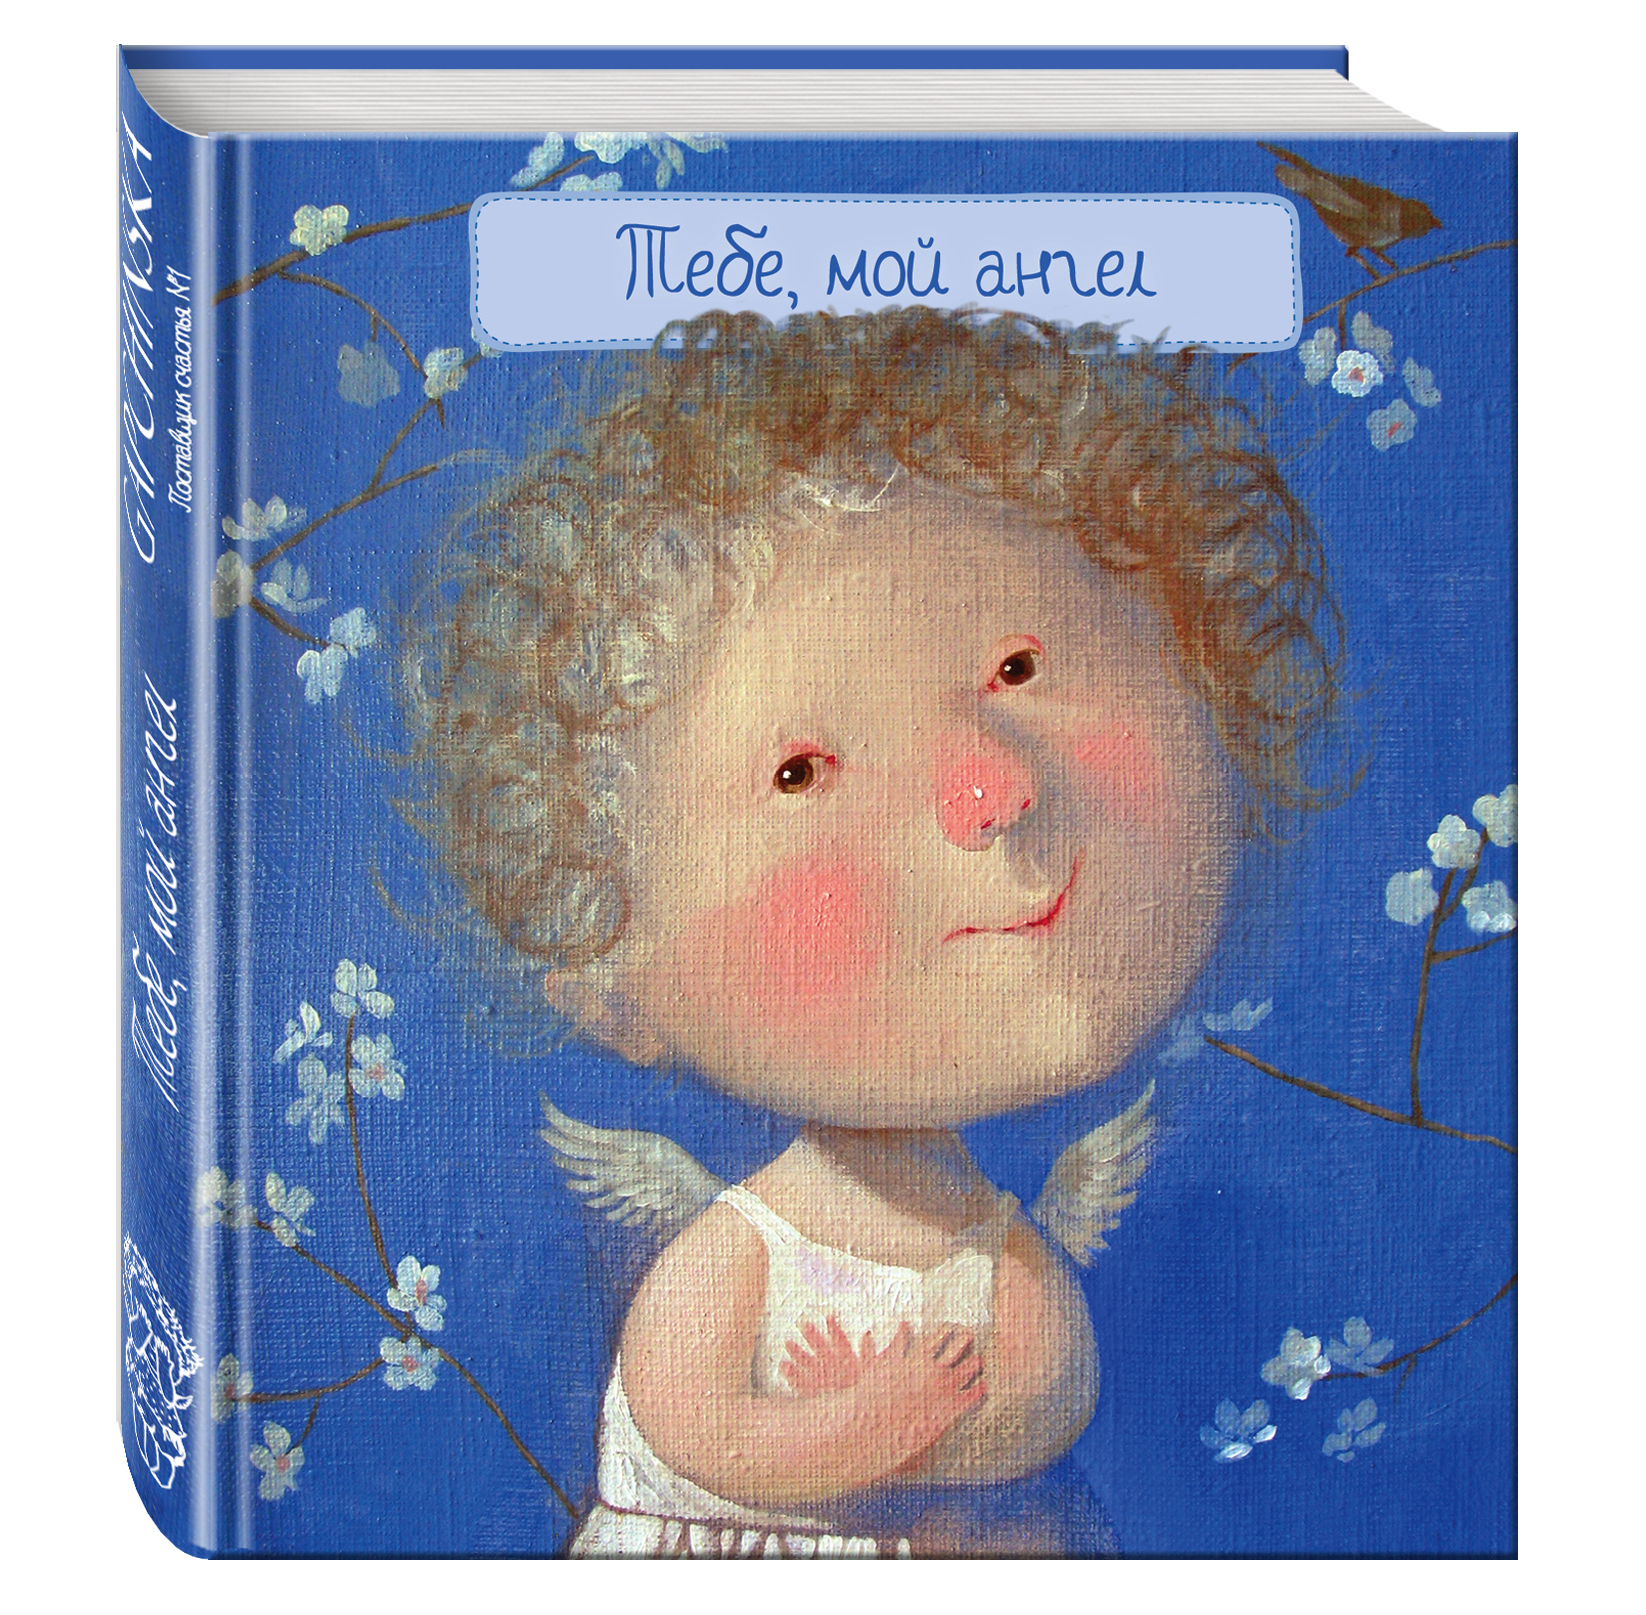 Тебе, мой ангел (книга в формате ПЛЧ) 2-е издание гапчинская евгения тебе мой ангел 15 открыток с картинками евгении гапчинской с пожеланиями для самых близких